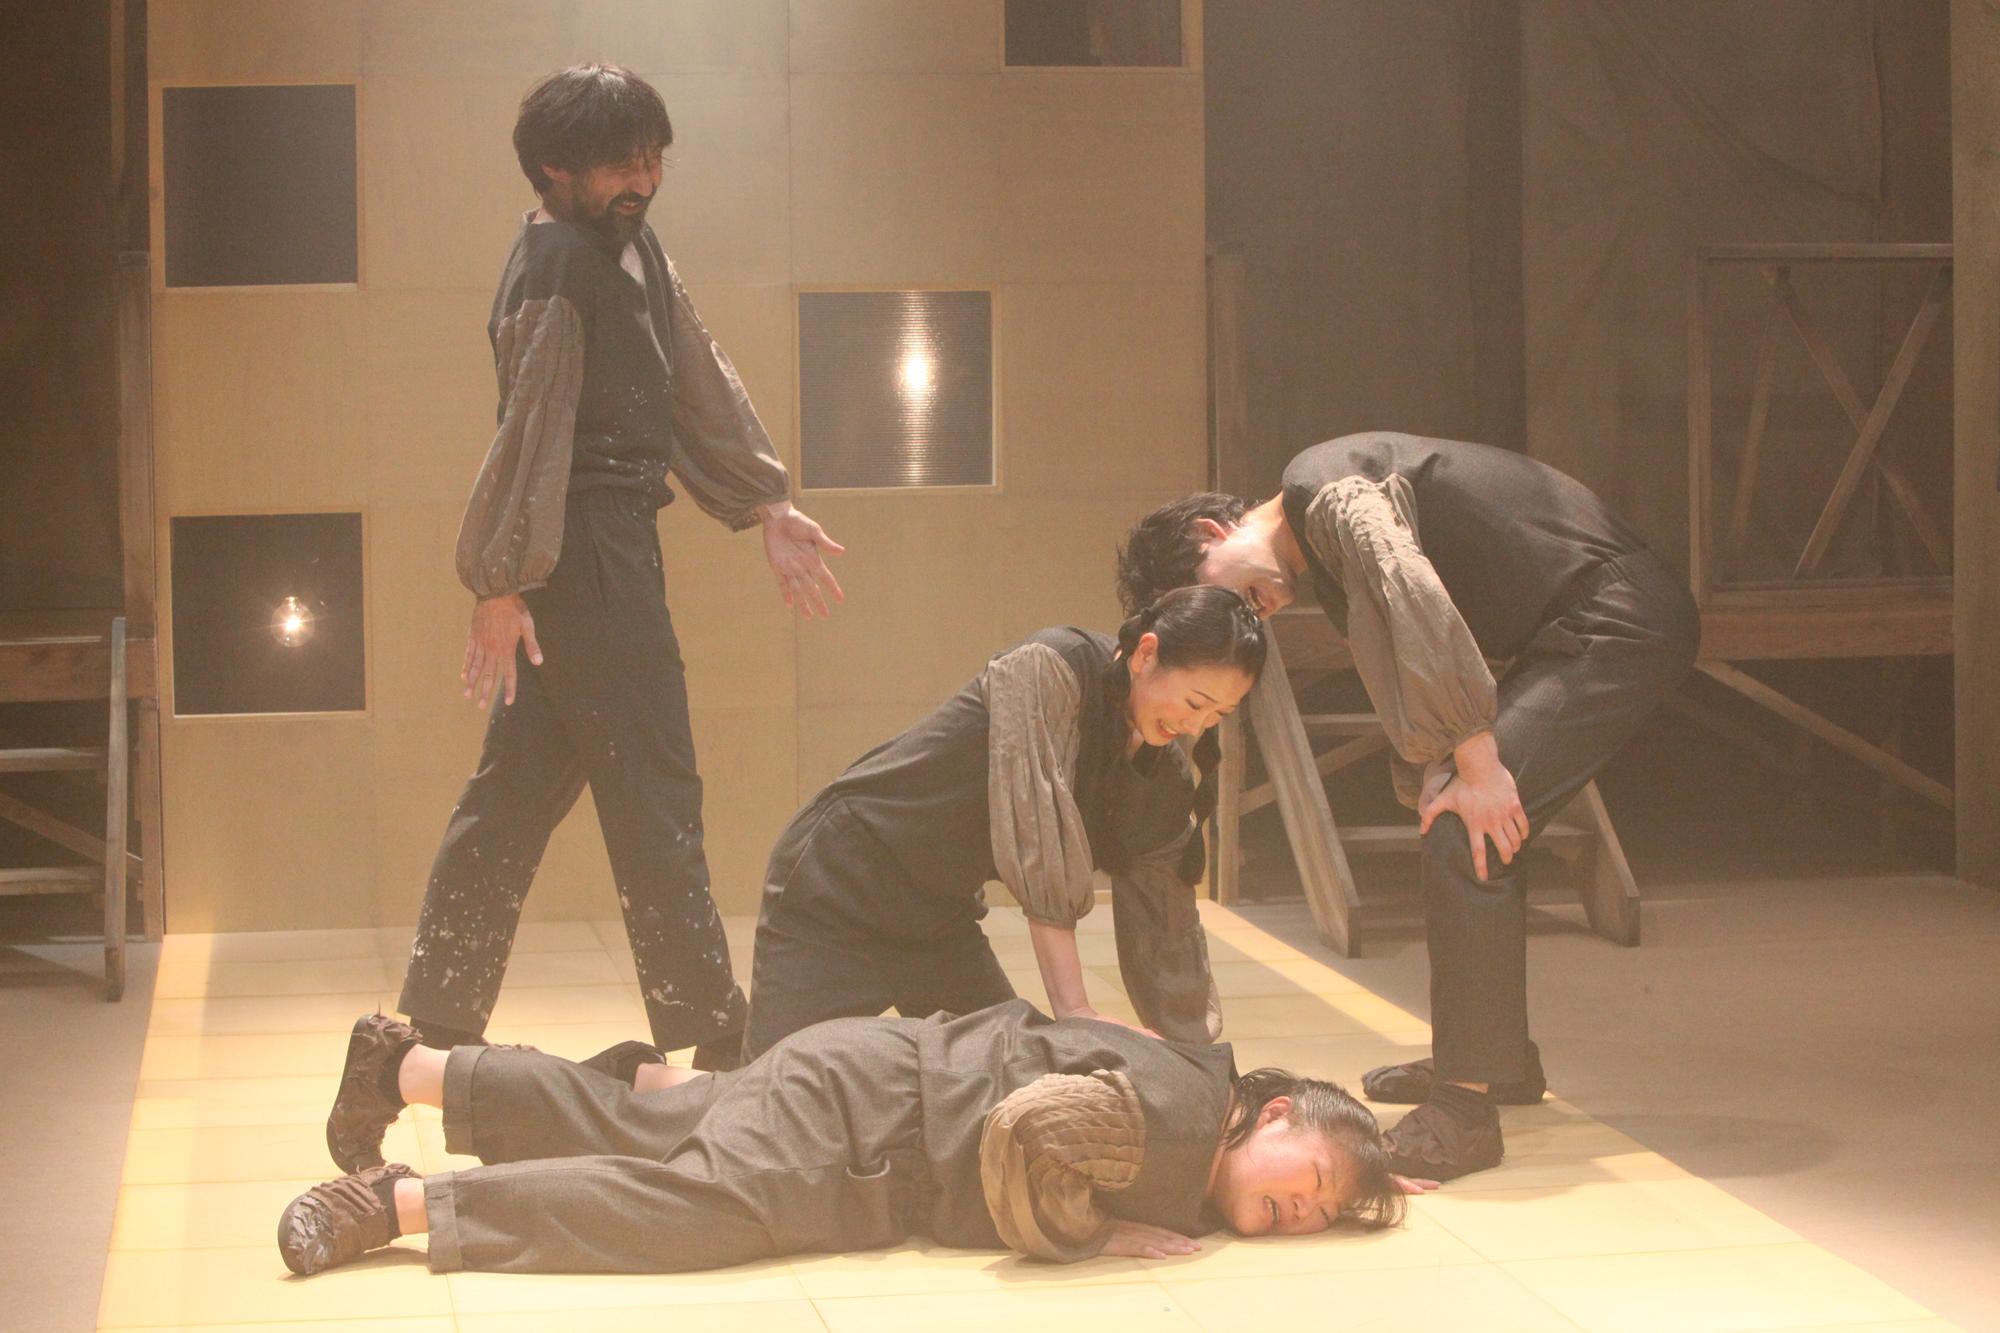 第29回公演・シアターグリーン3劇場連動企画『机の上ではこちらが有利』